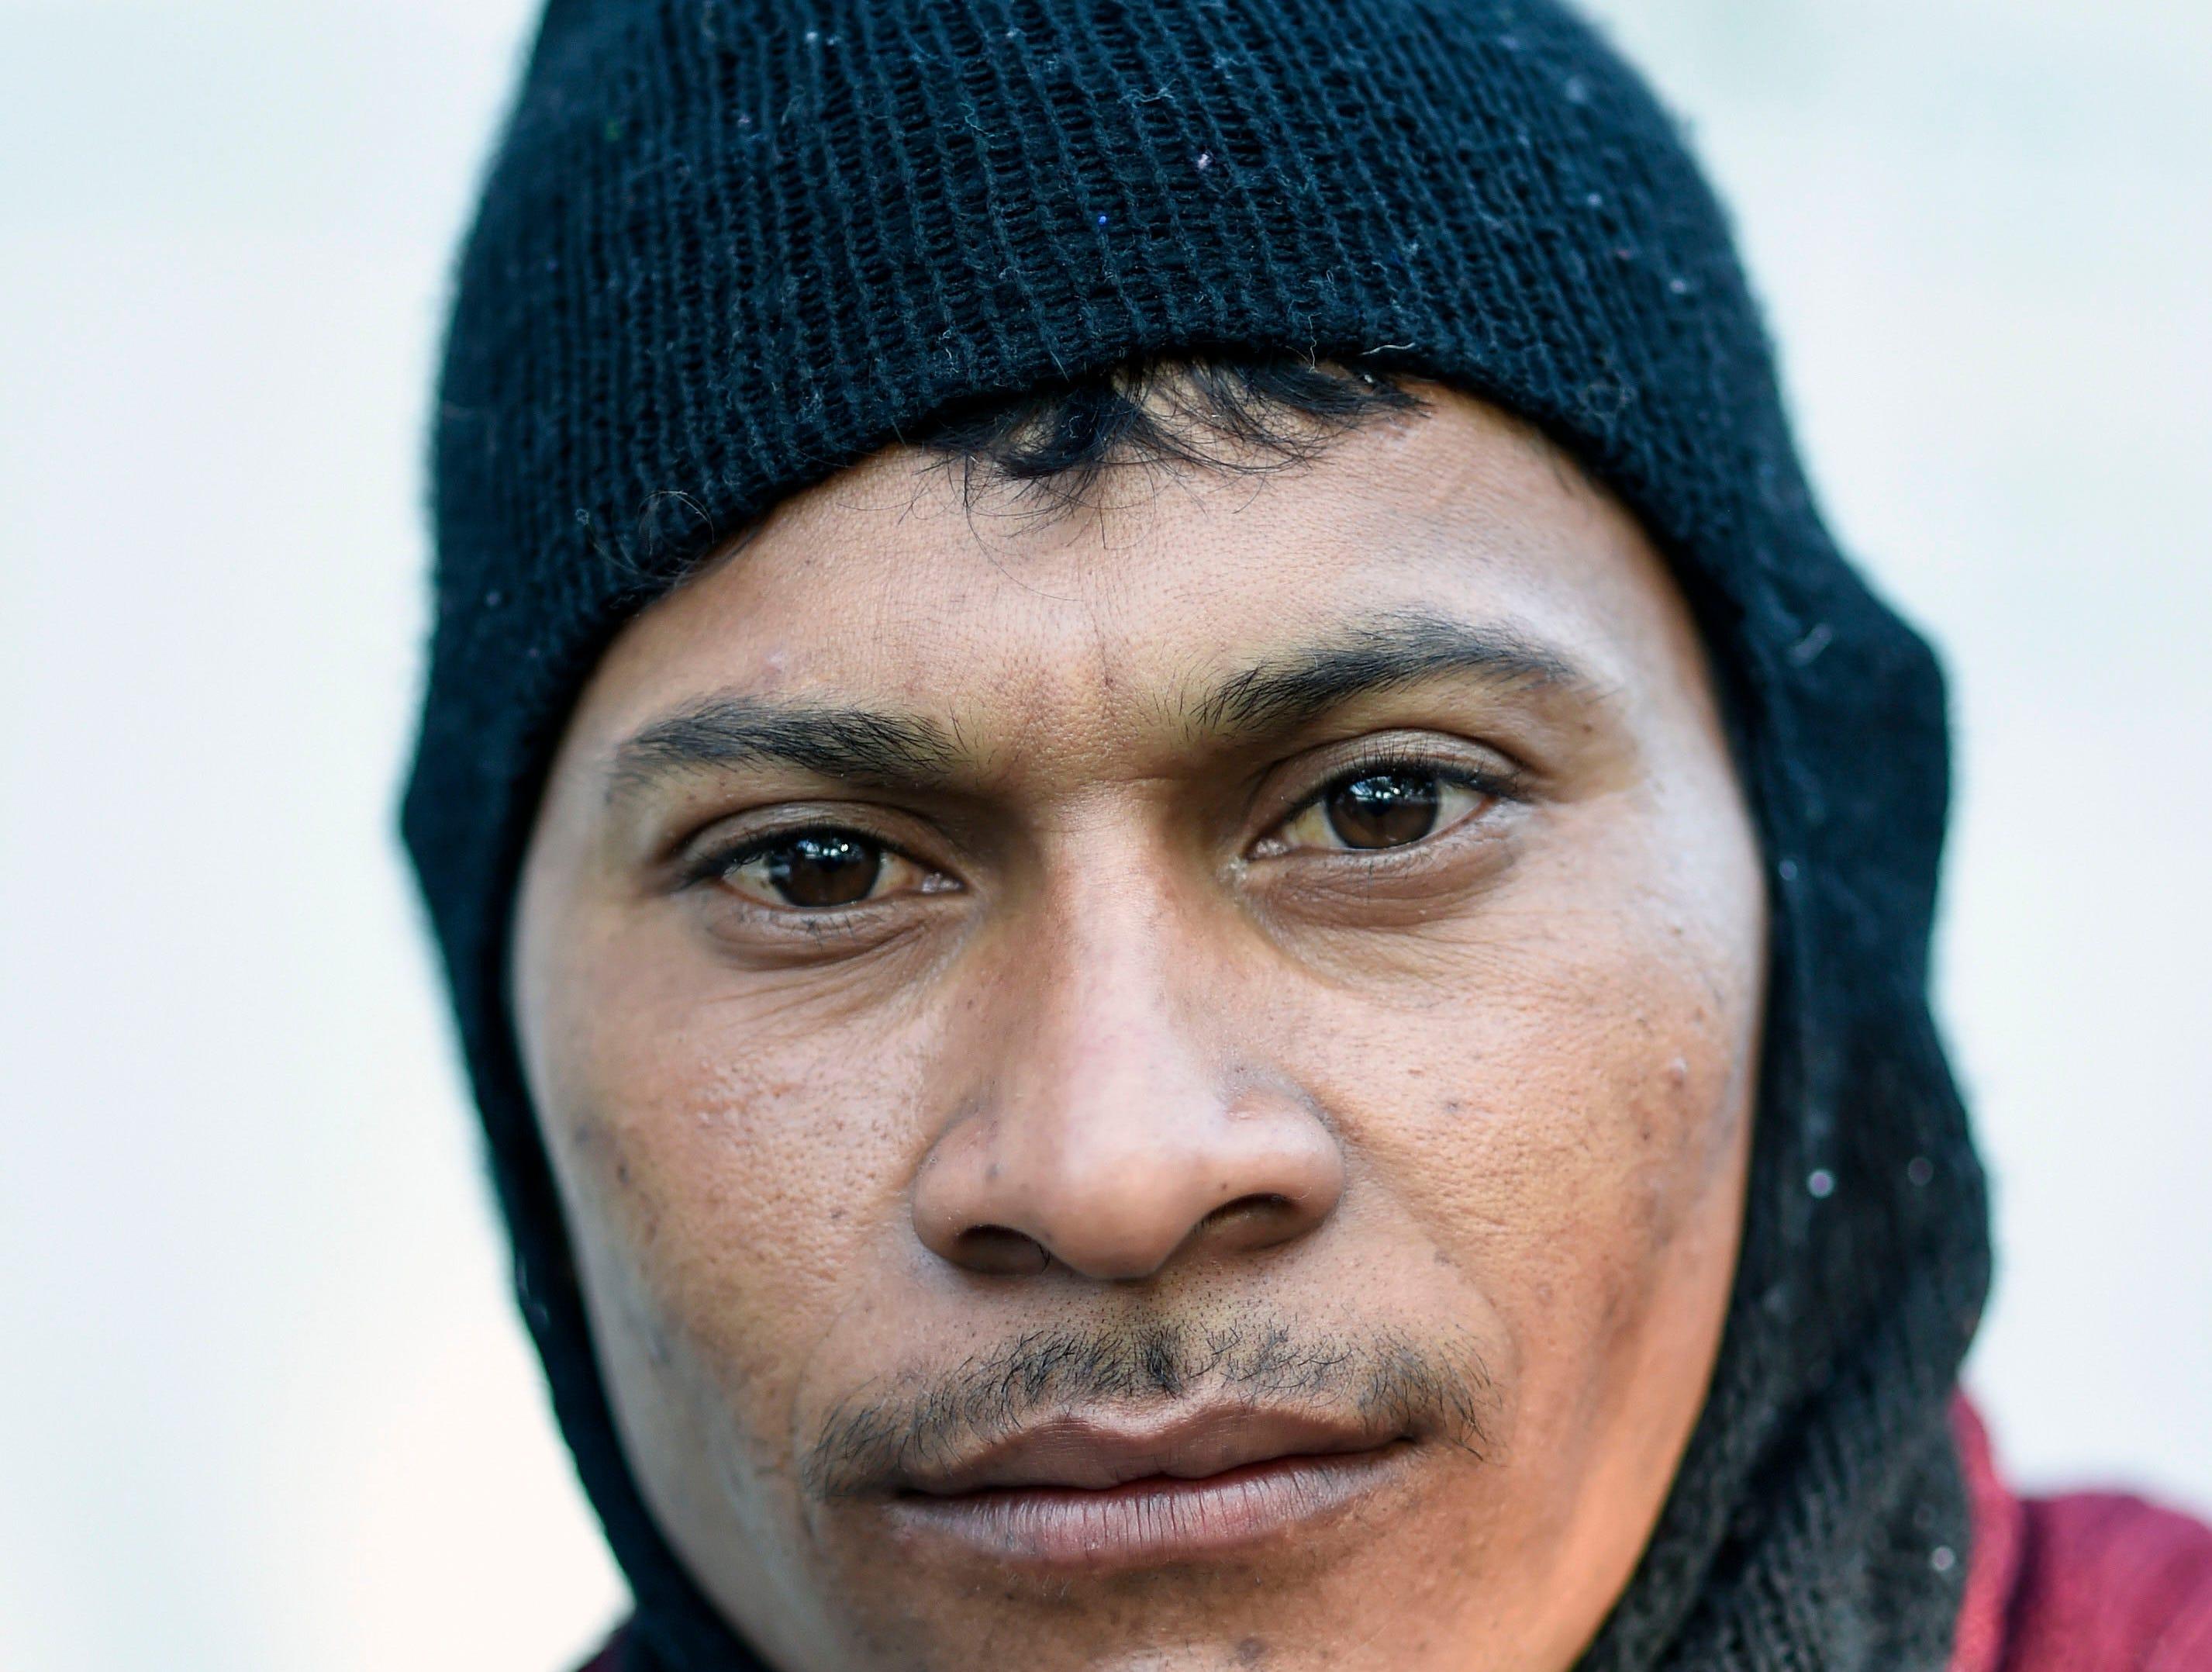 Edwin Josué, hondureño, 22 años. Estos son los rostros de los migrantes centroamericanos que huyen de la pobreza y violencia que se vive en sus países; y que por medio de una caravana caminan cientos de kilómetros cruzando ciudades, ríos, carreteras, bosques y fronteras, con el firme propósito de hacer realidad su sueño de llegar a los Estados Unidos.